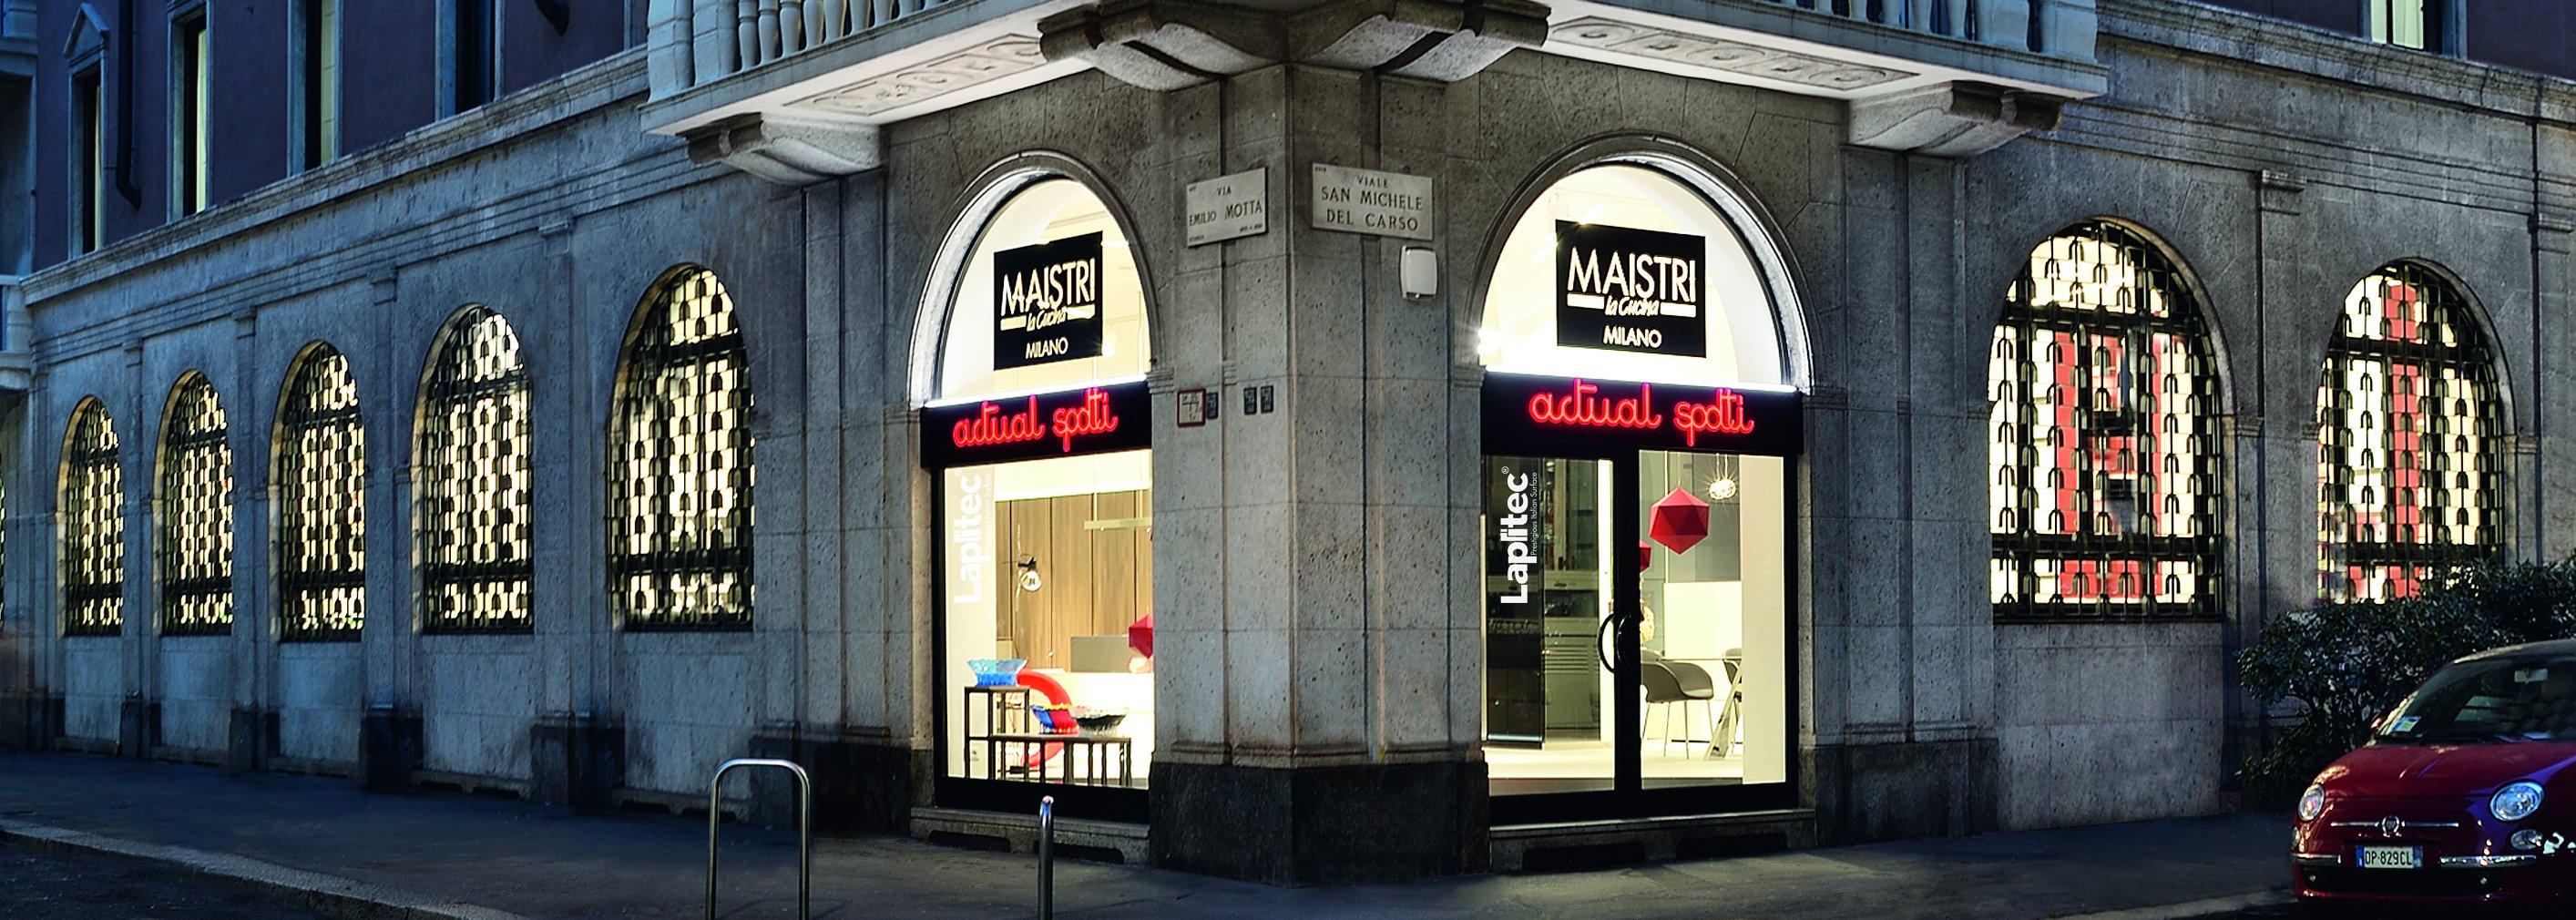 Actual Spotti Milano concept Maistri